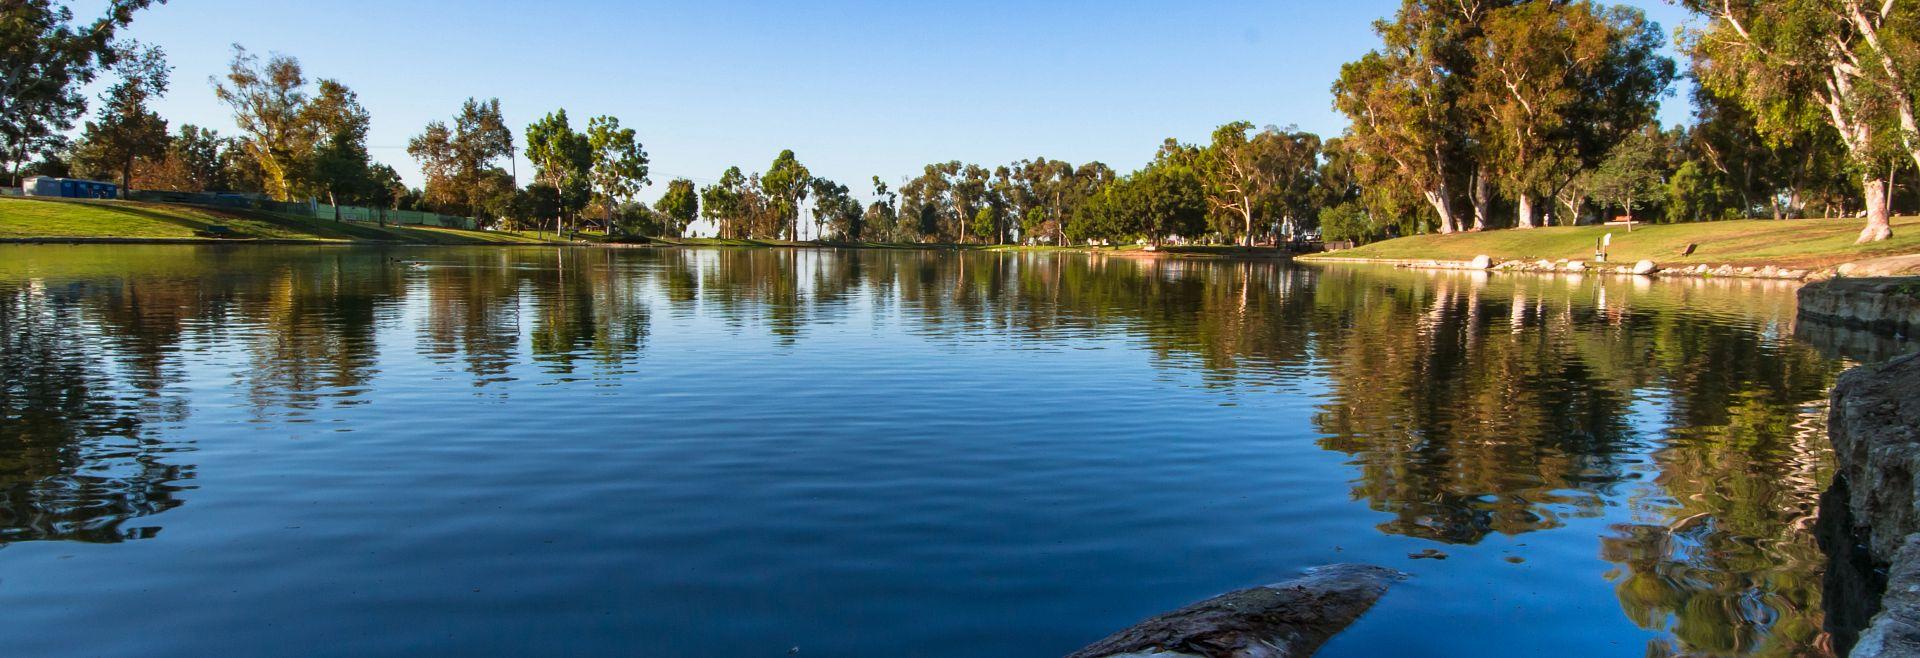 Park at Placentia CA